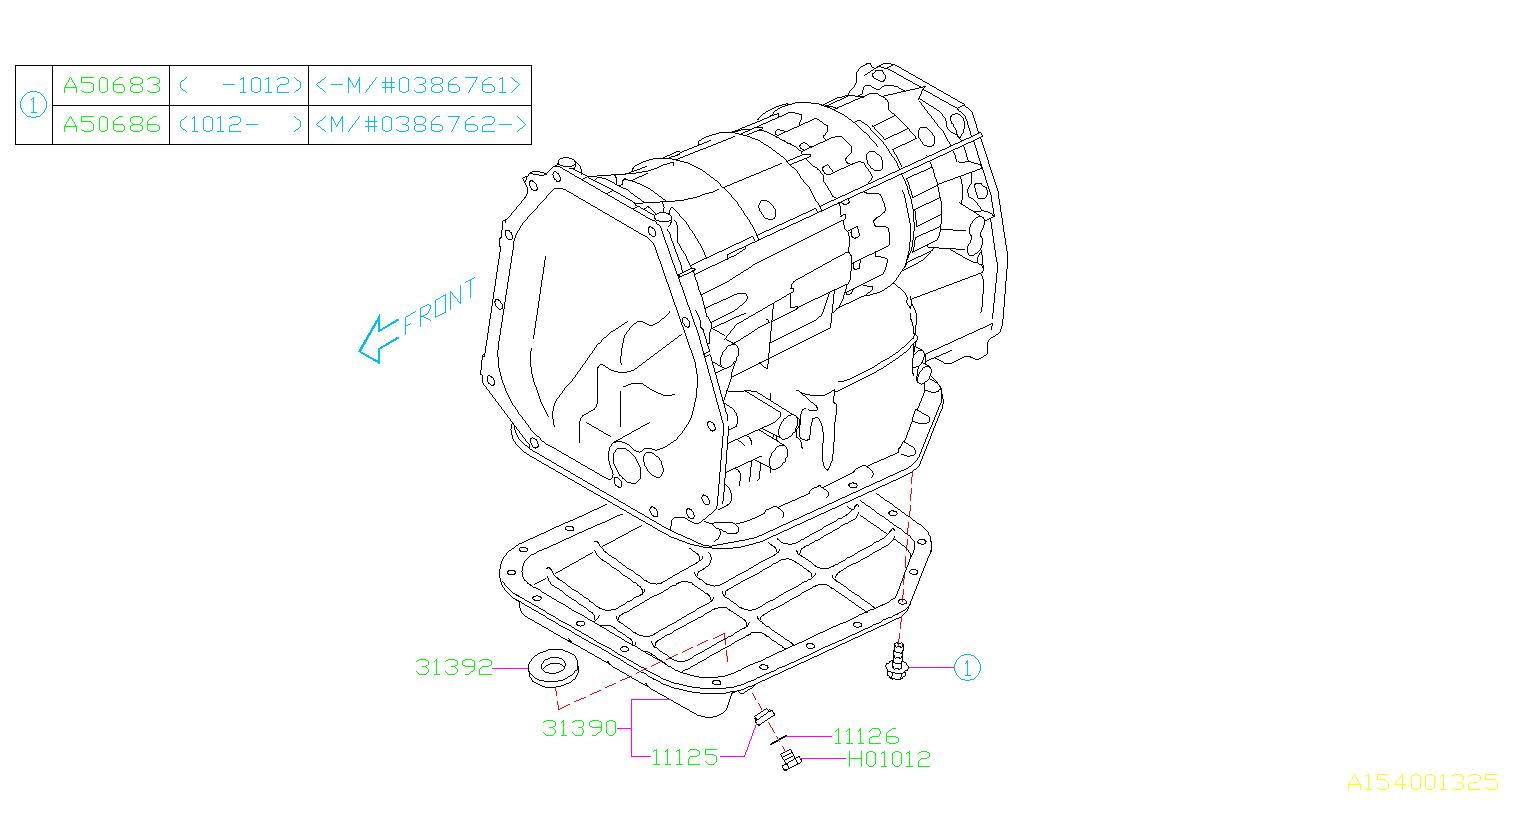 11126aa040 Gasket Drain Plug Transmission Case Pan